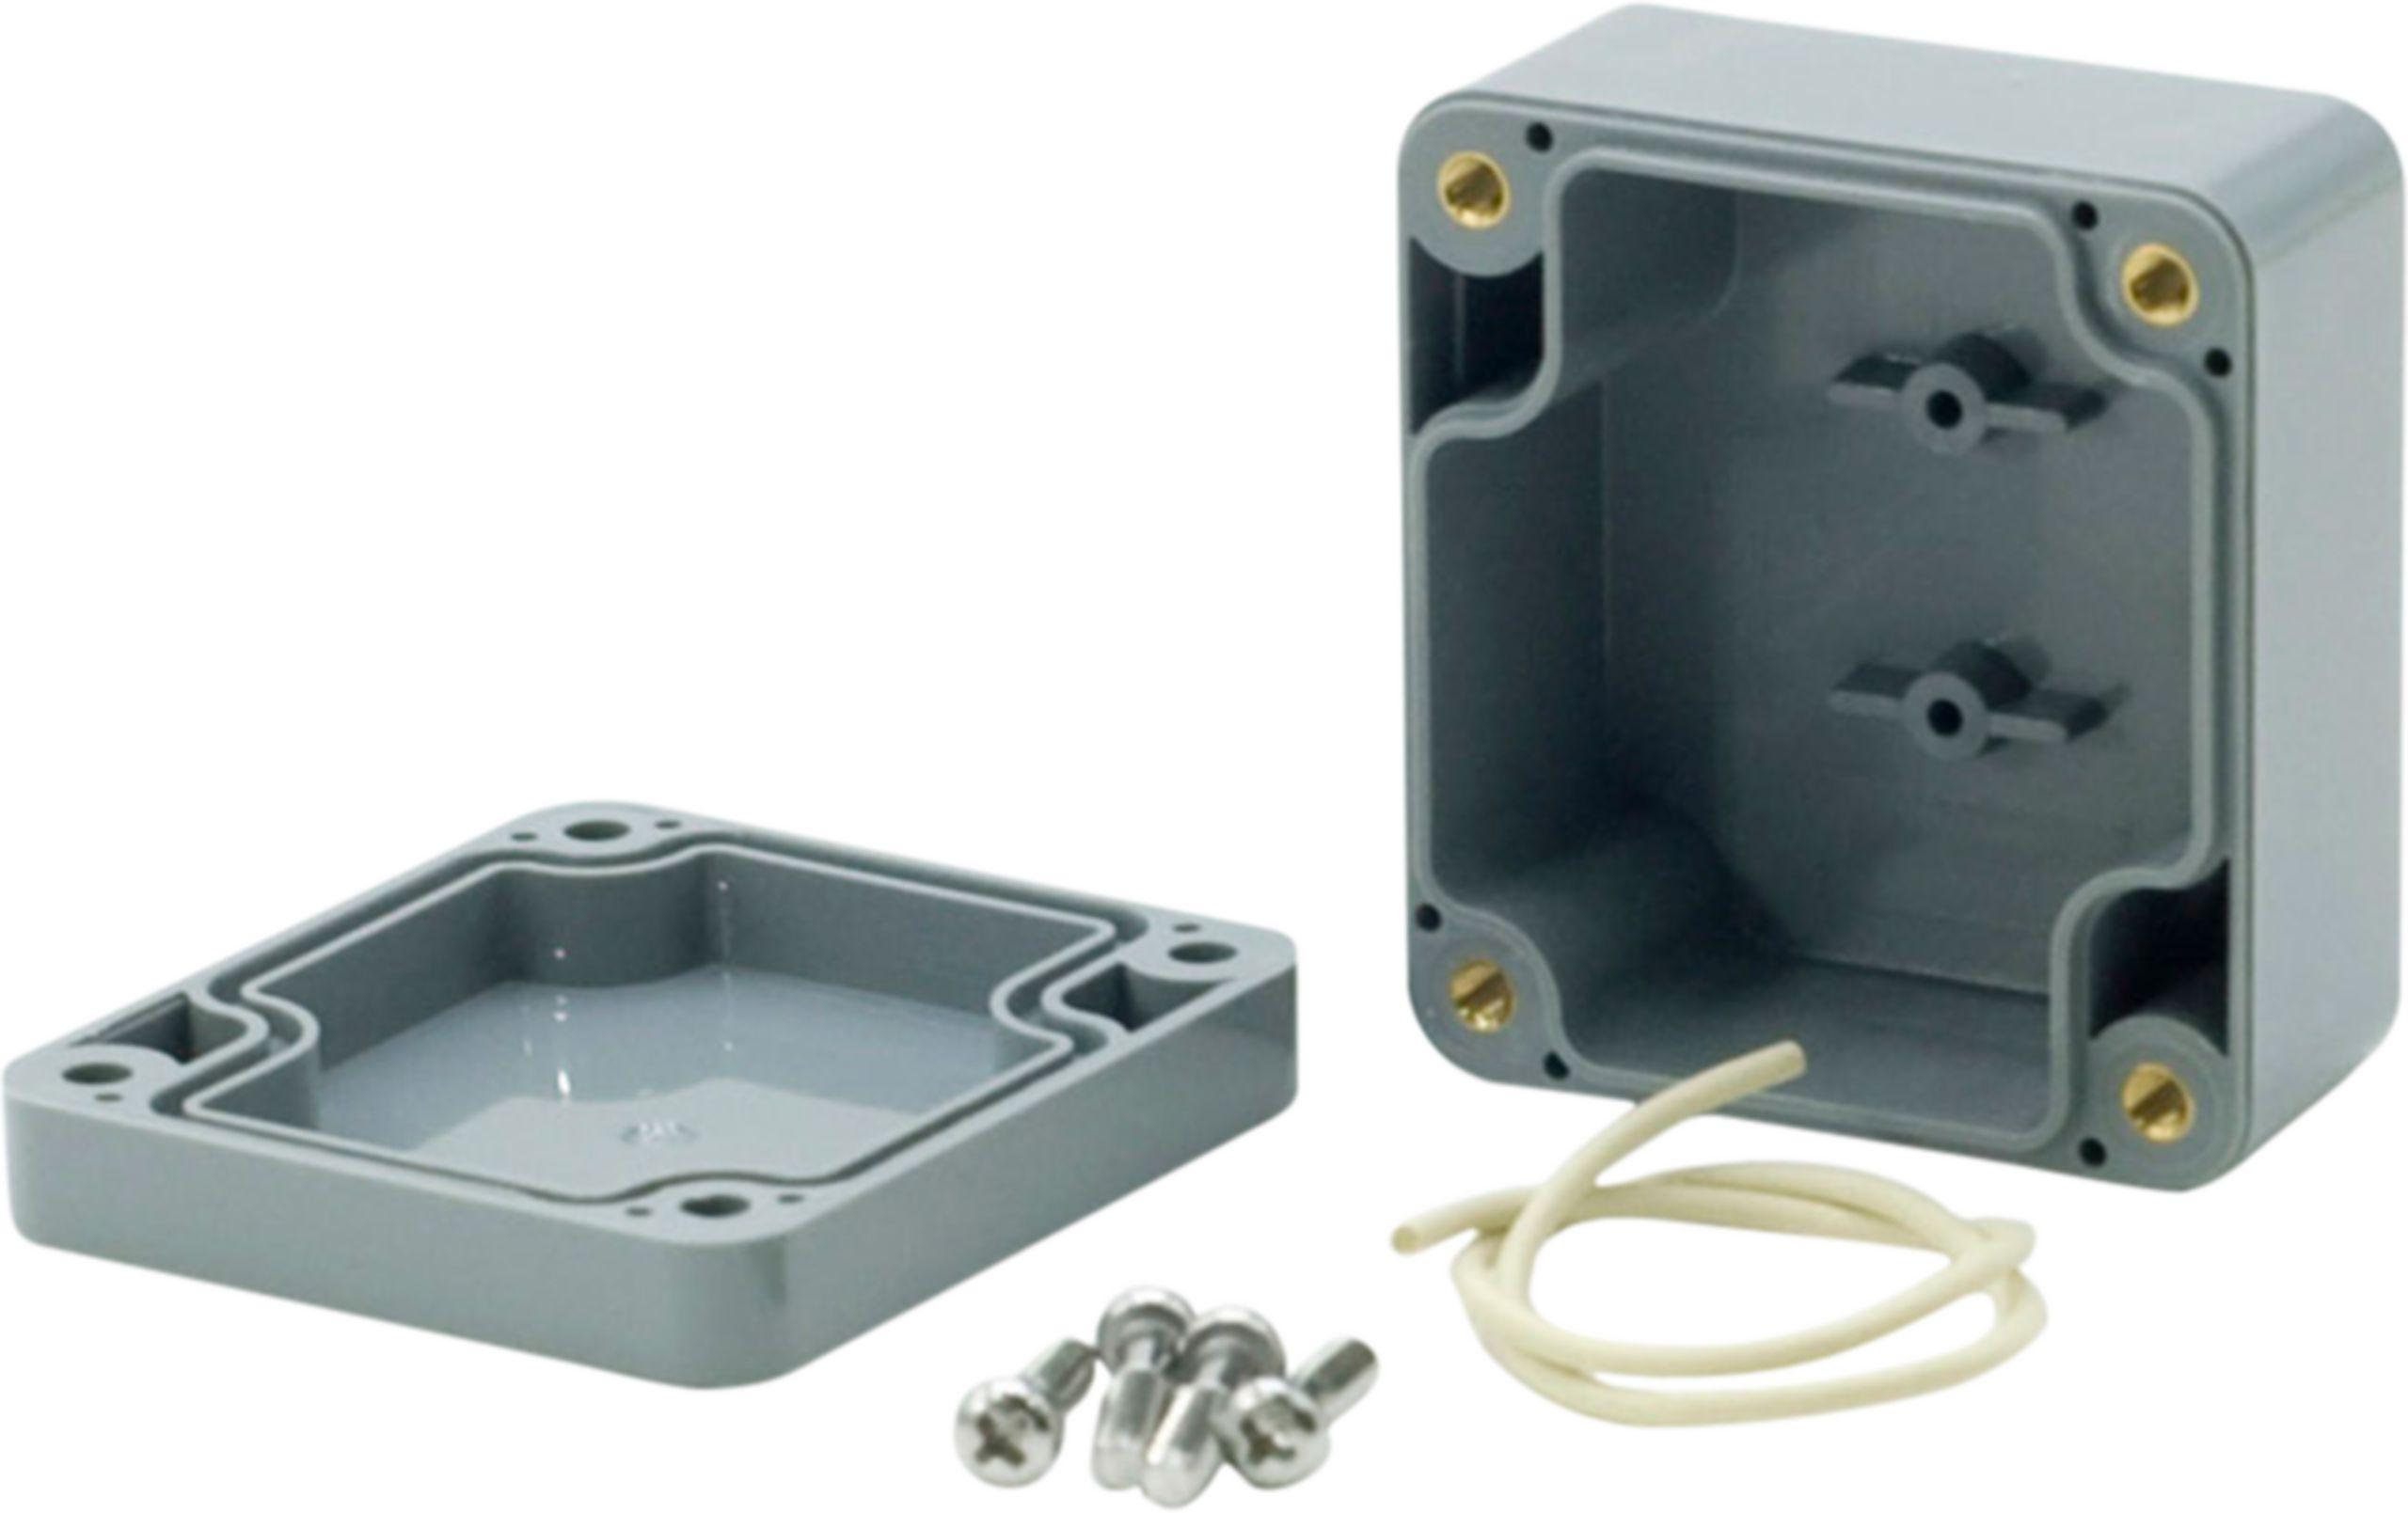 Krabička ABS plast, IP 65, tmavě šedá 222 x 146 x 75 mm